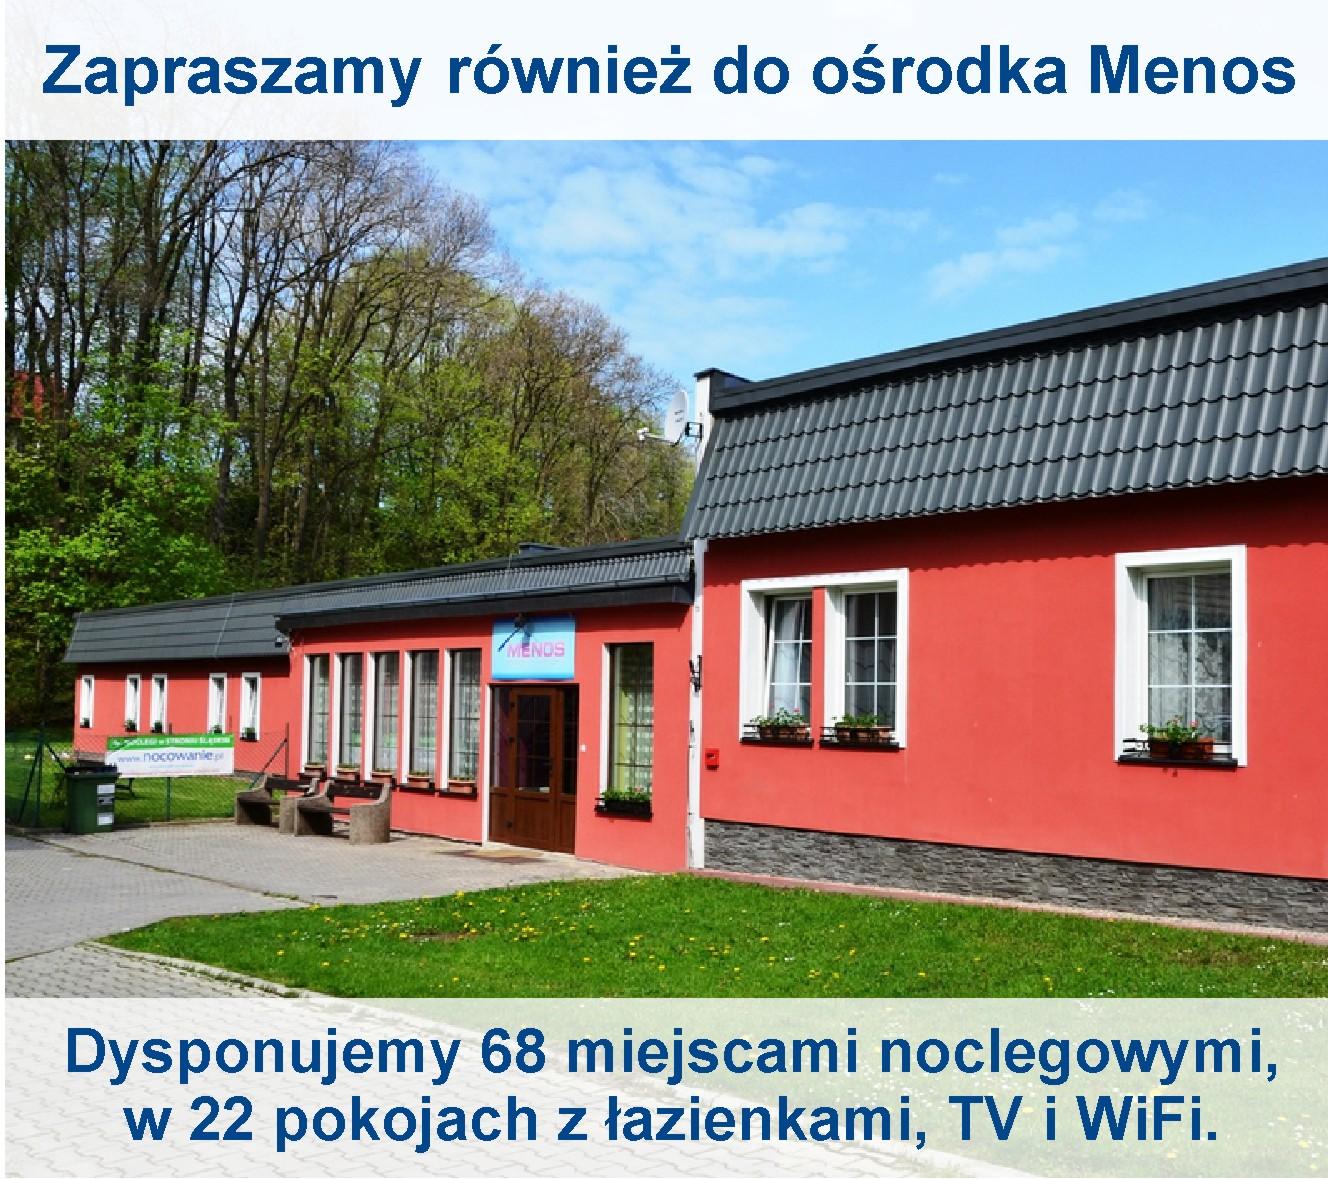 Ośrodek Menos Stronie Śląskie